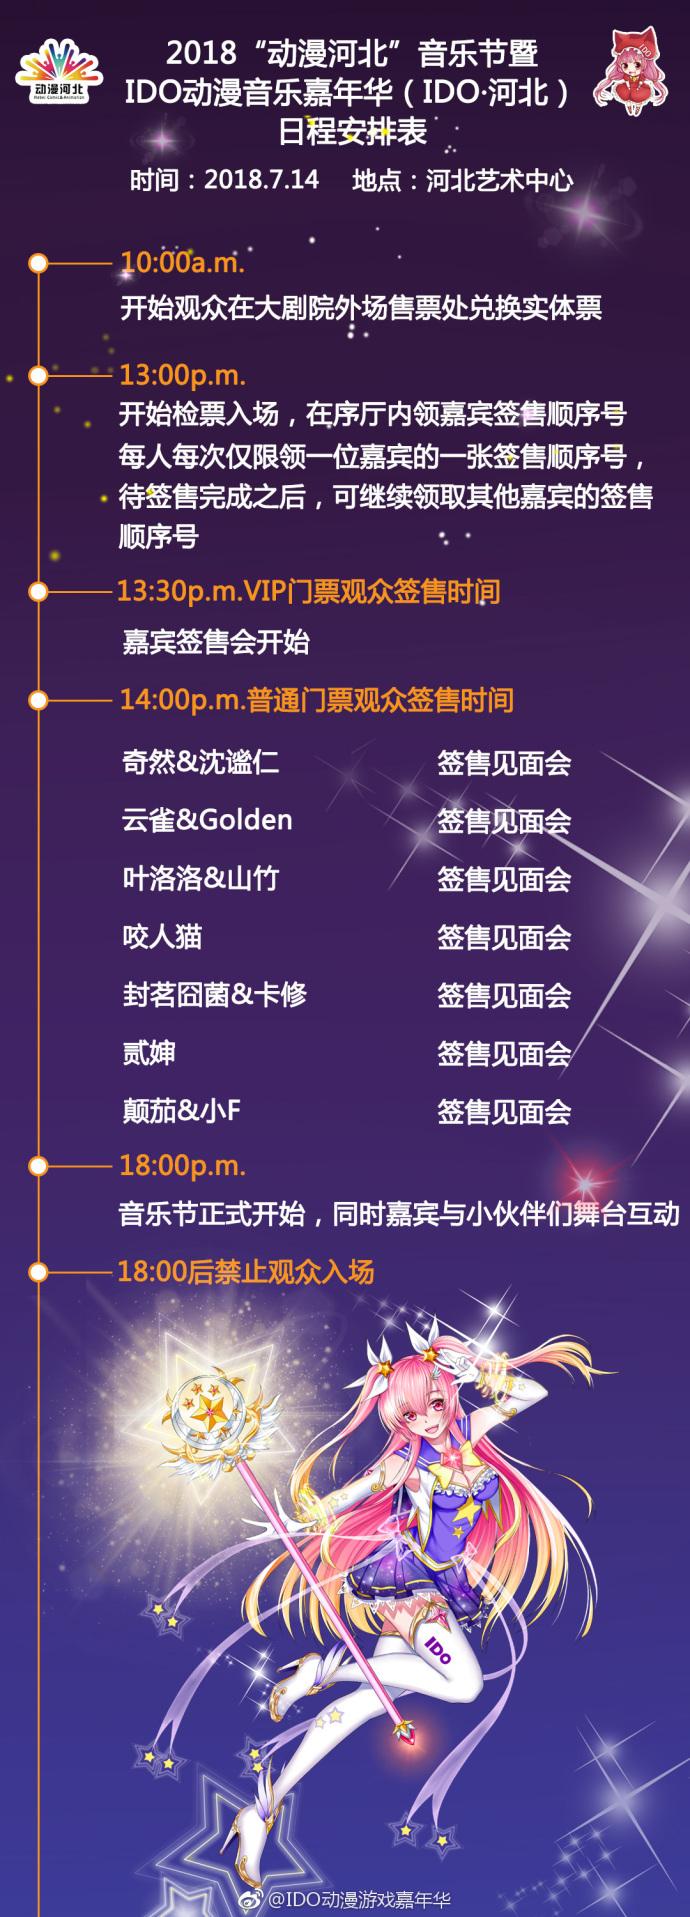 【河北】IDO Live音乐节 暑期河北规模最大二次元狂欢音乐盛宴!最让你心动的嘉宾都在这里哟!-ANICOGA